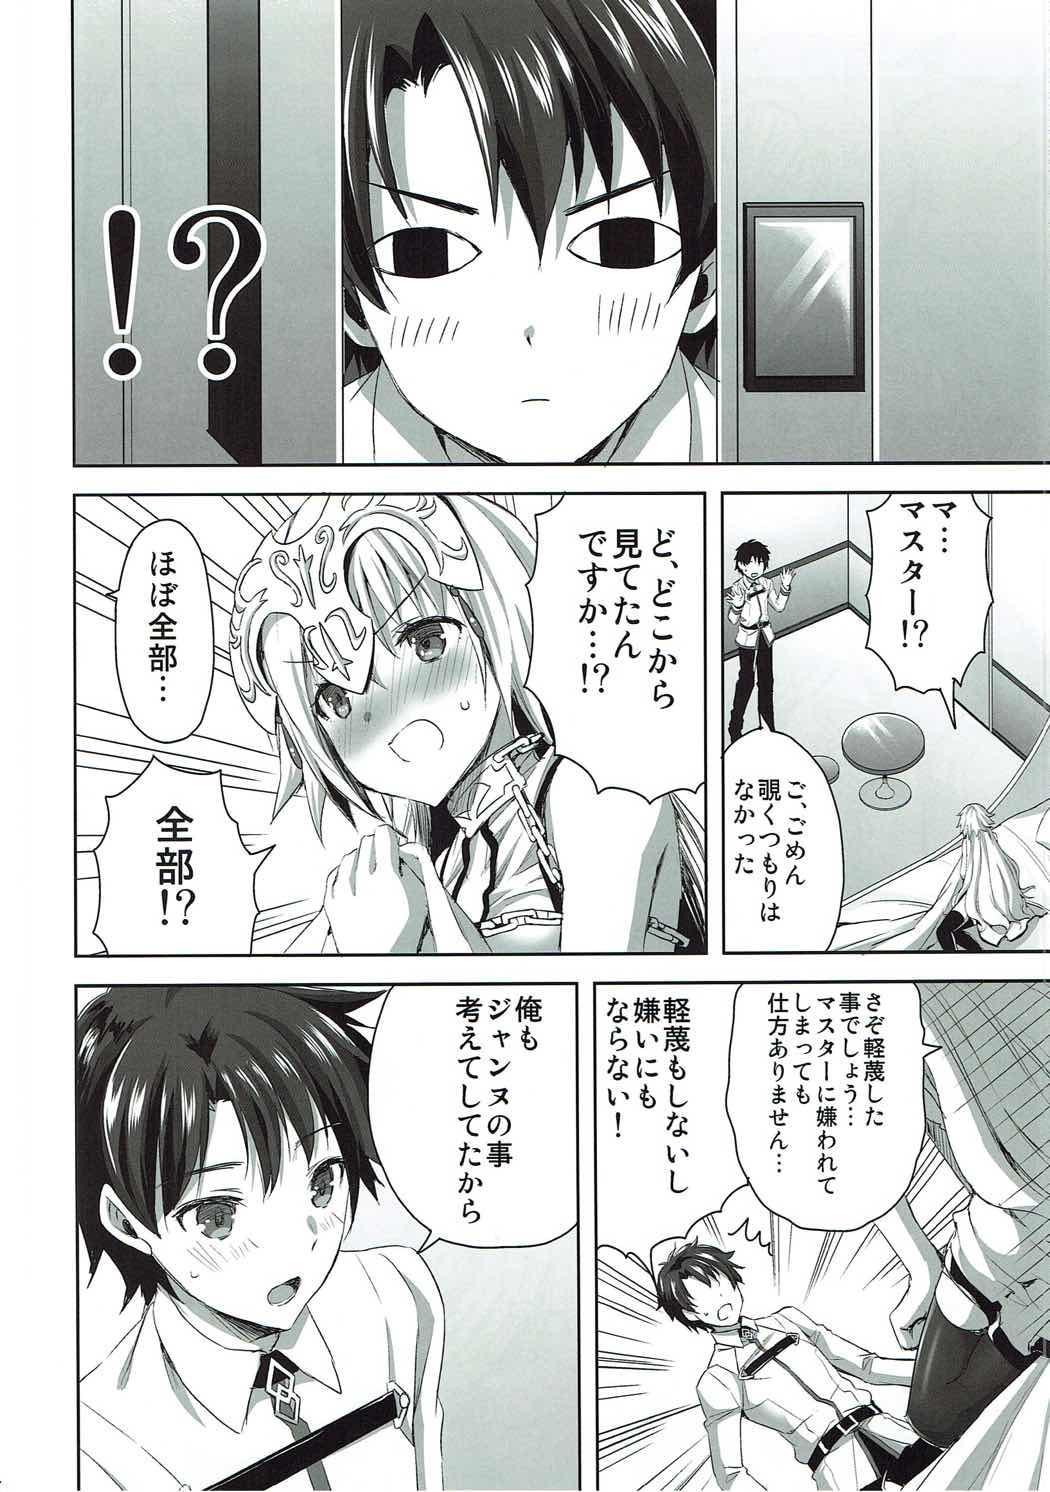 Seijou no Nukumori 8